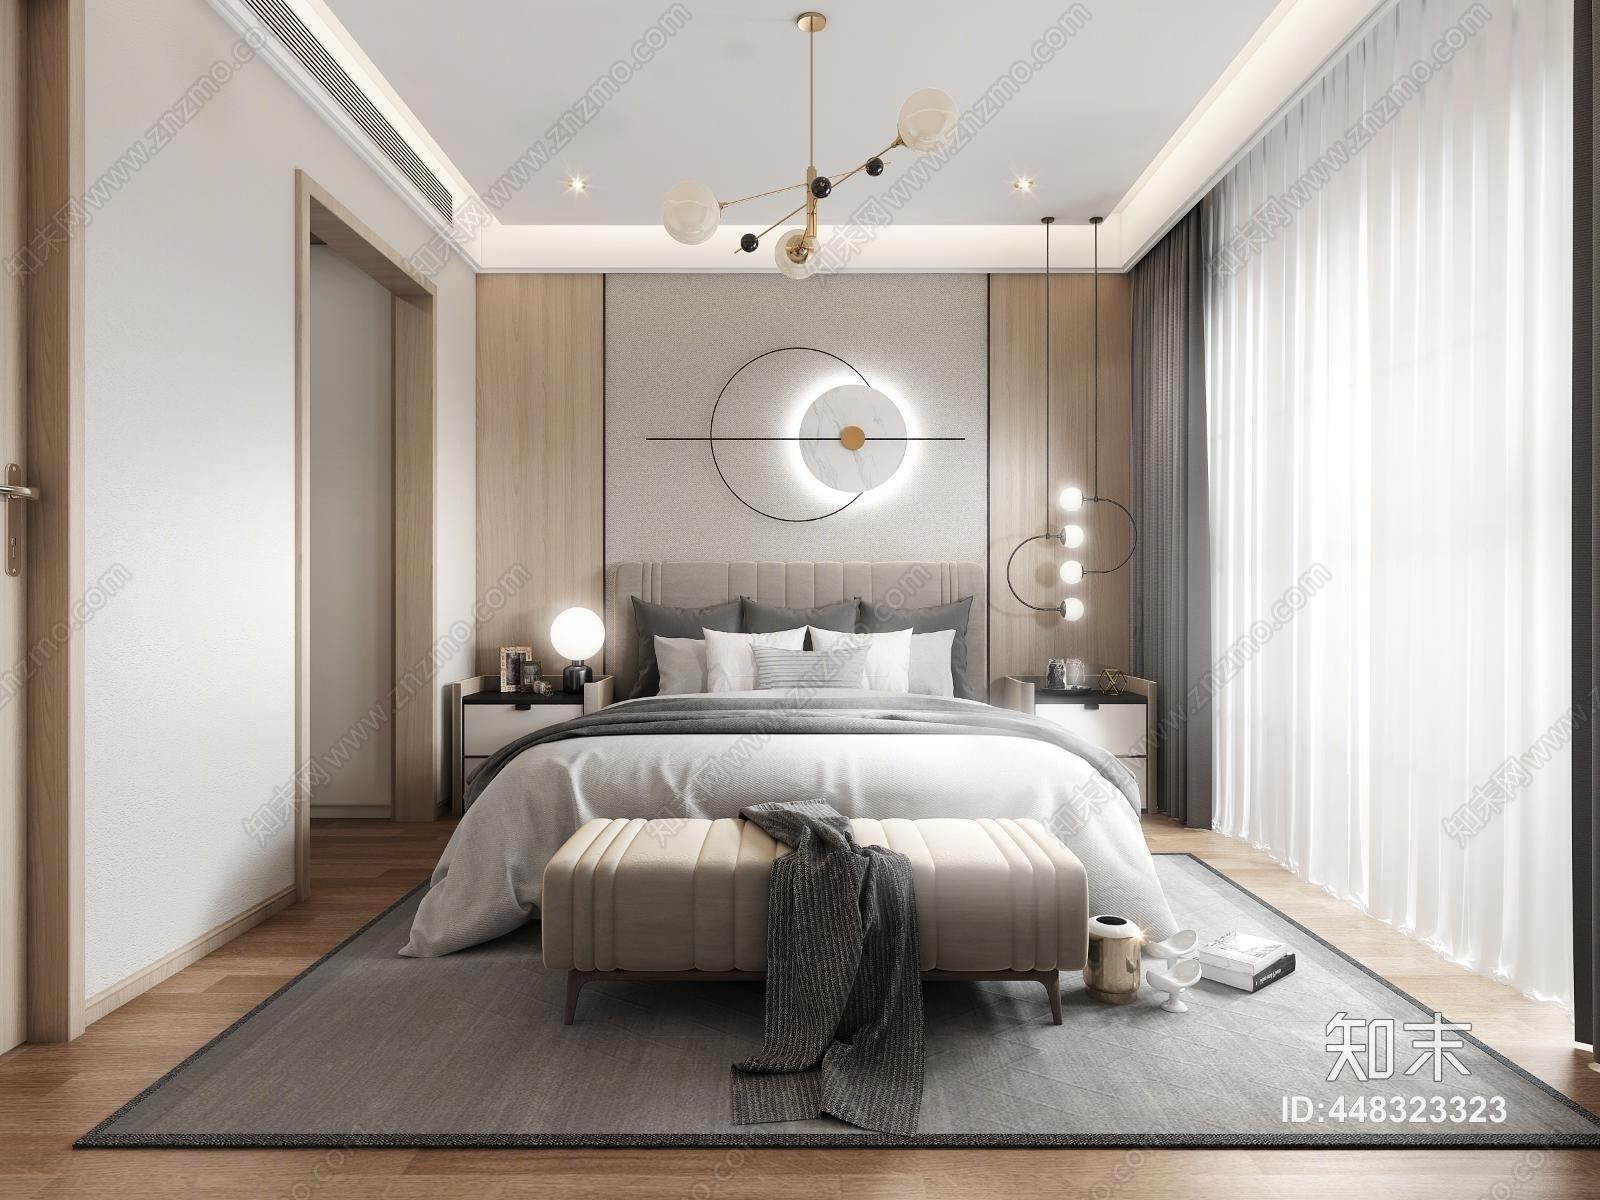 现代轻奢卧室 床床头柜